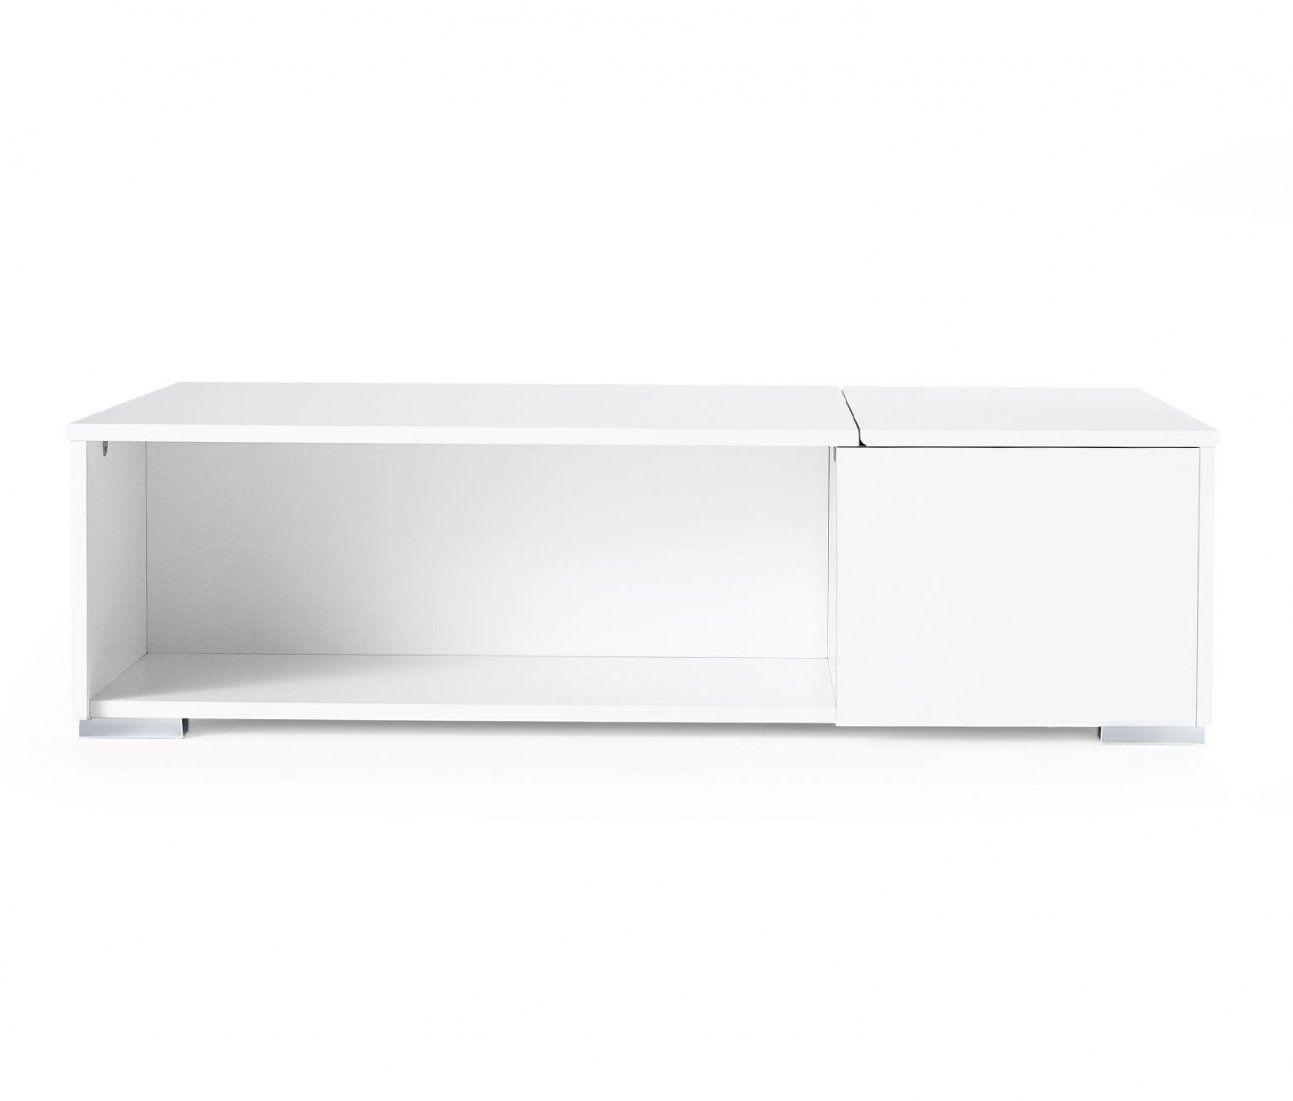 couchtisch tchibo akazie grau couchtisch. Black Bedroom Furniture Sets. Home Design Ideas